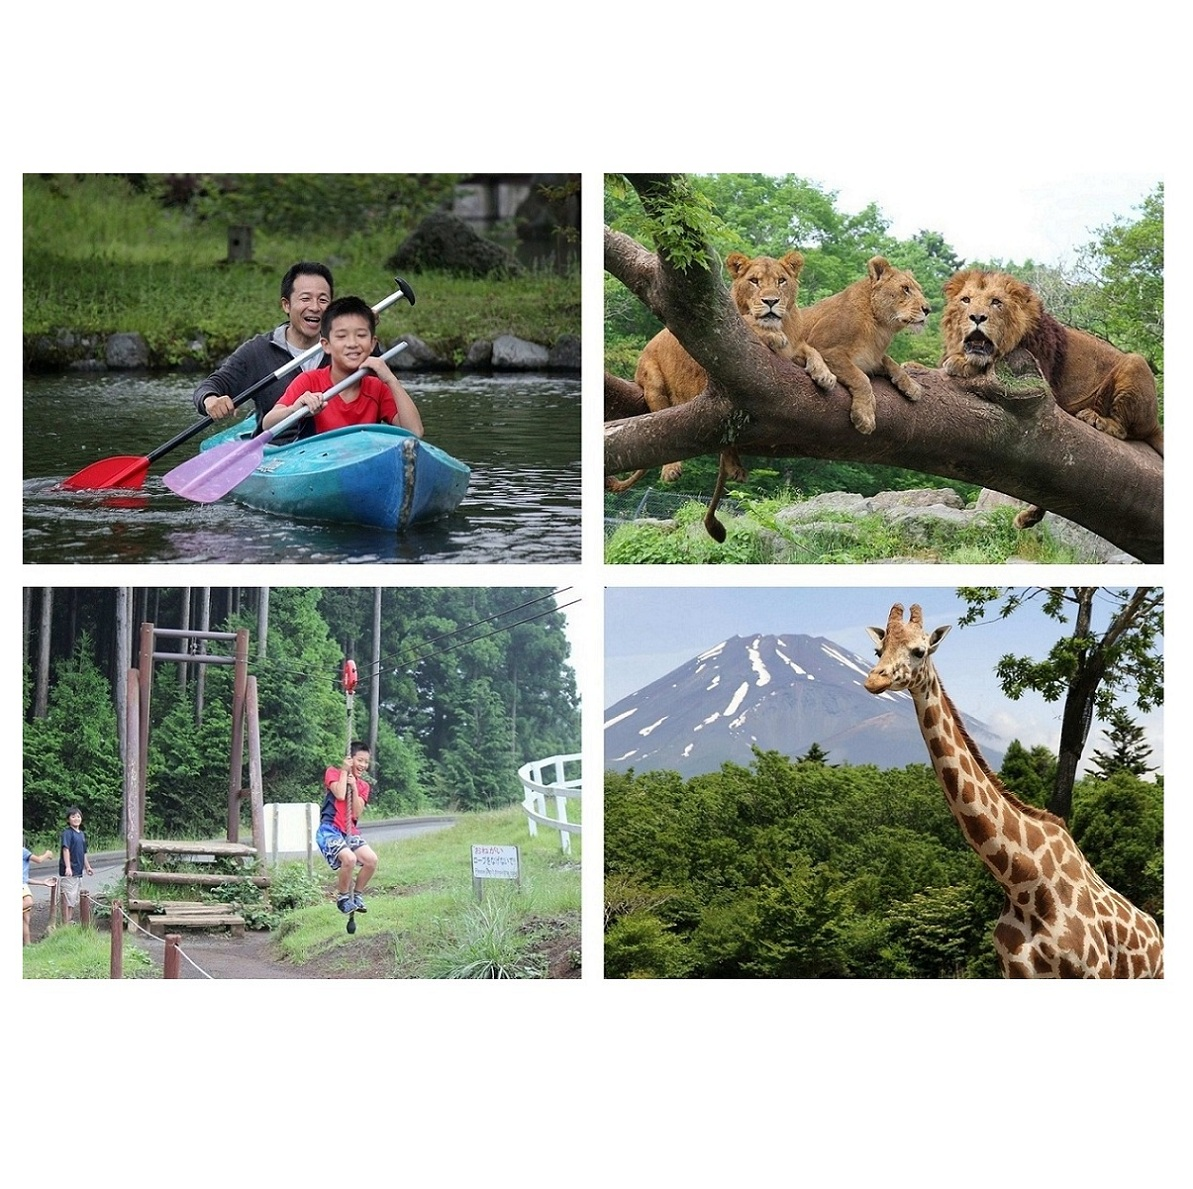 【ふるさと納税】1090富士山こどもの国おとな入園券&富士サファリパーク入園券